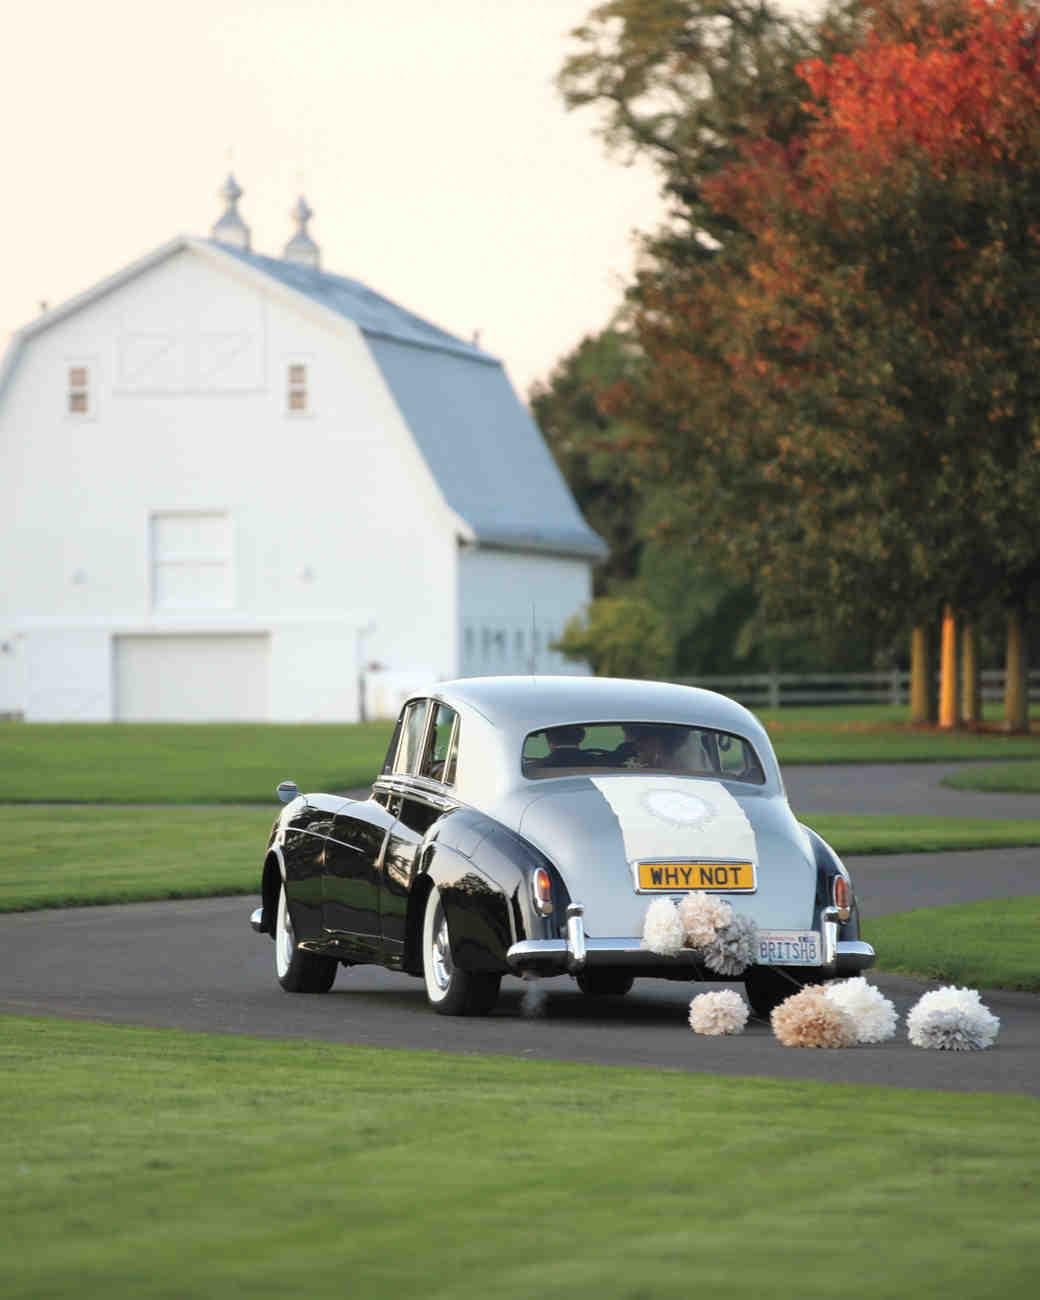 Rolls-Royce getaway car